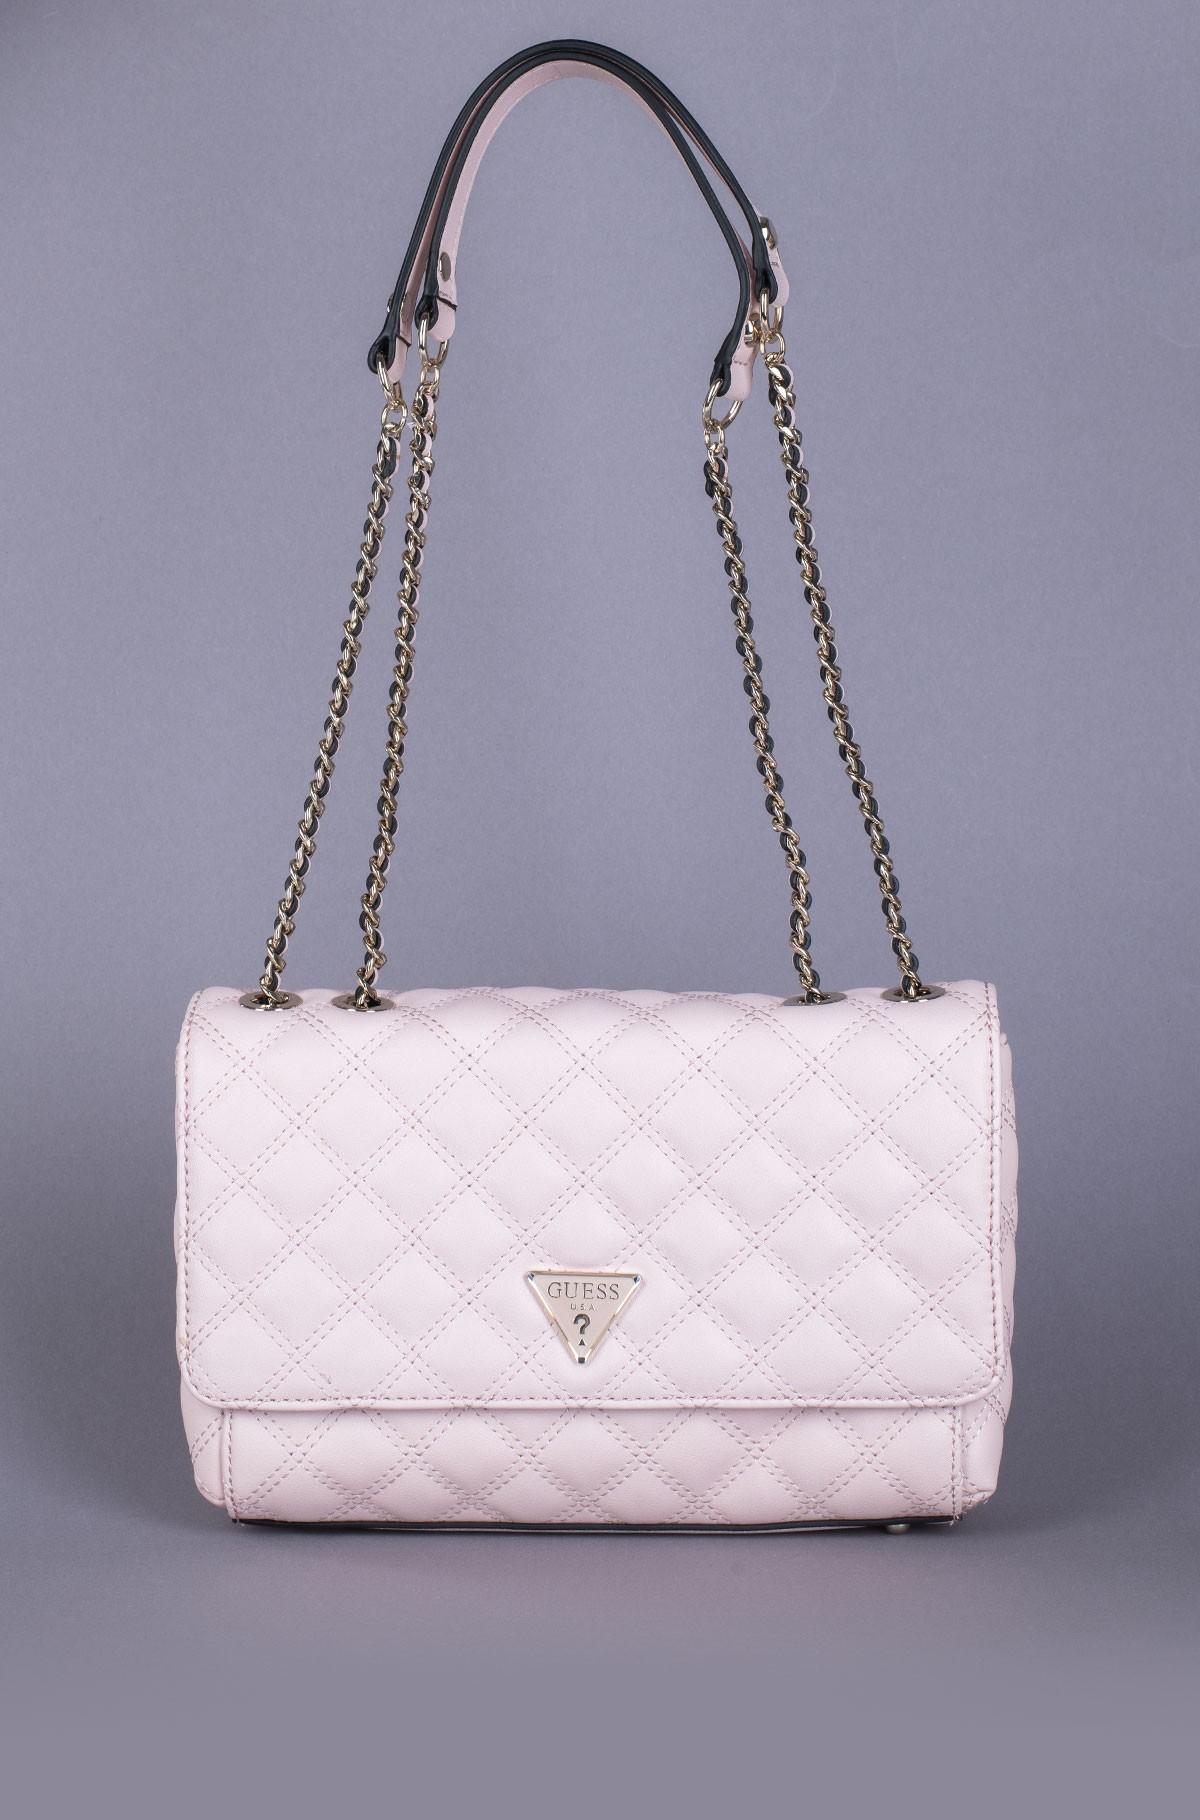 Shoulder bag HWVG76 79210-full-1